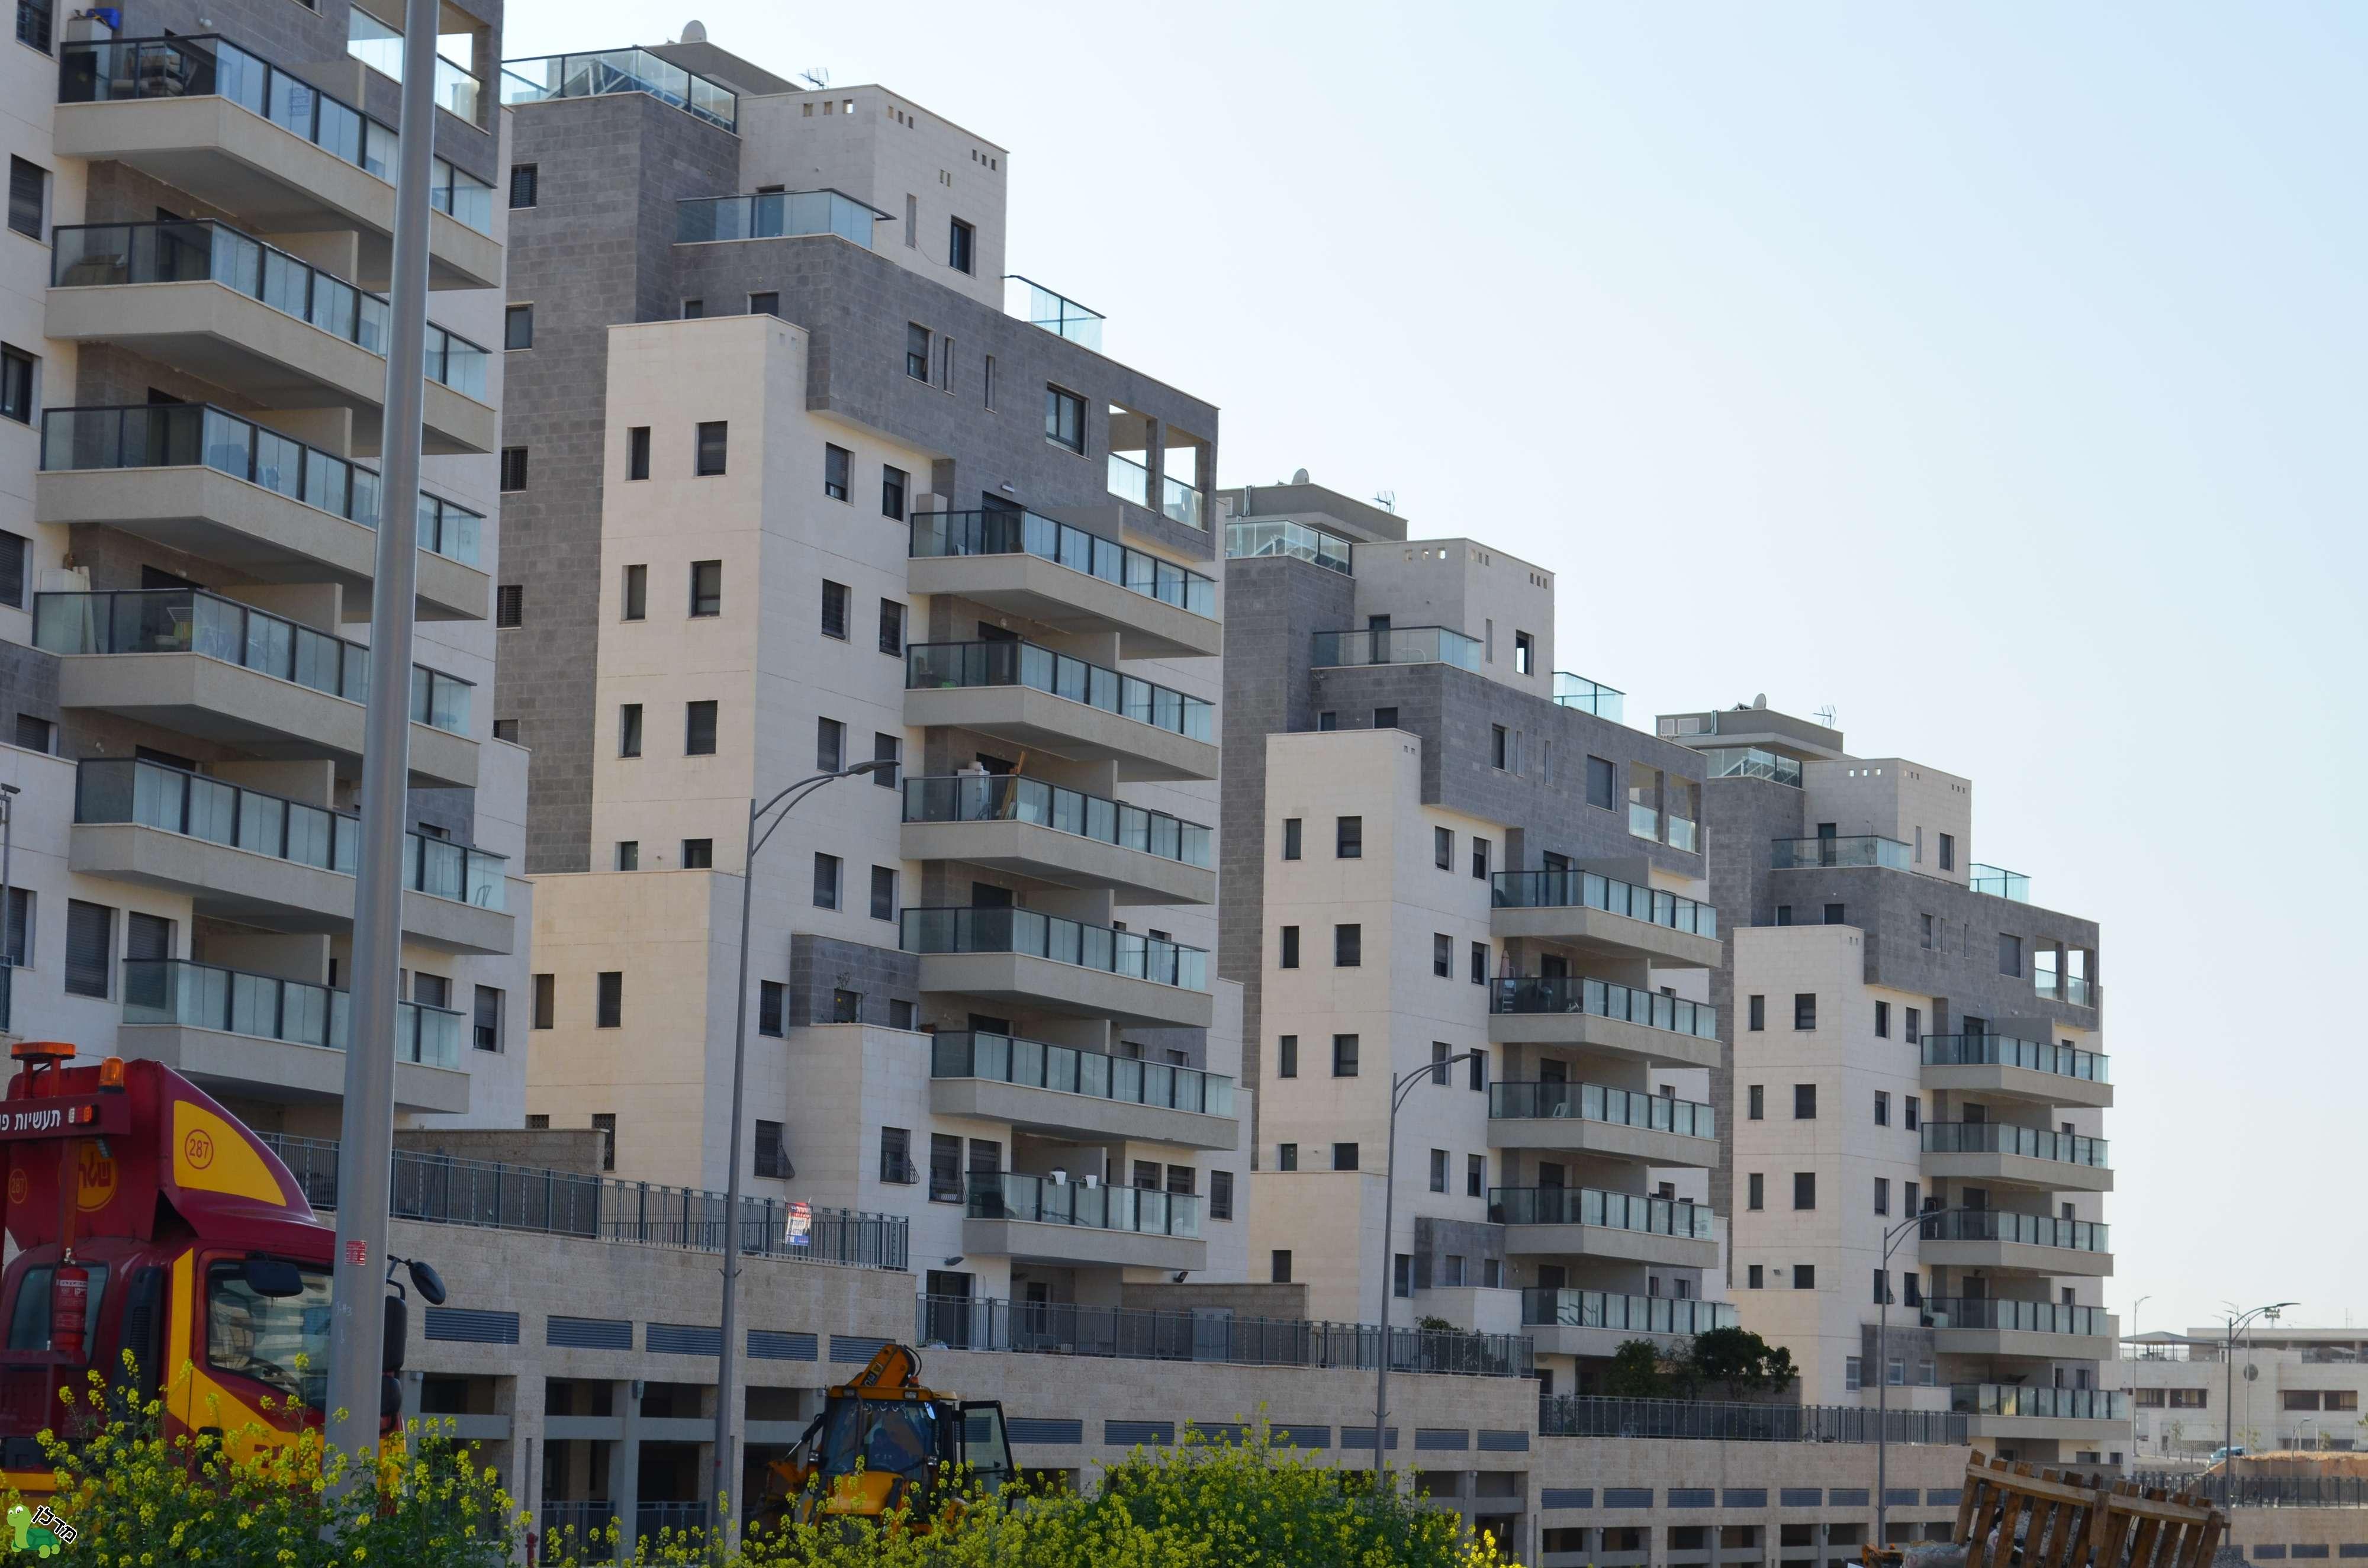 נפלאות חריש - מידע דירות ומחירים TN-04